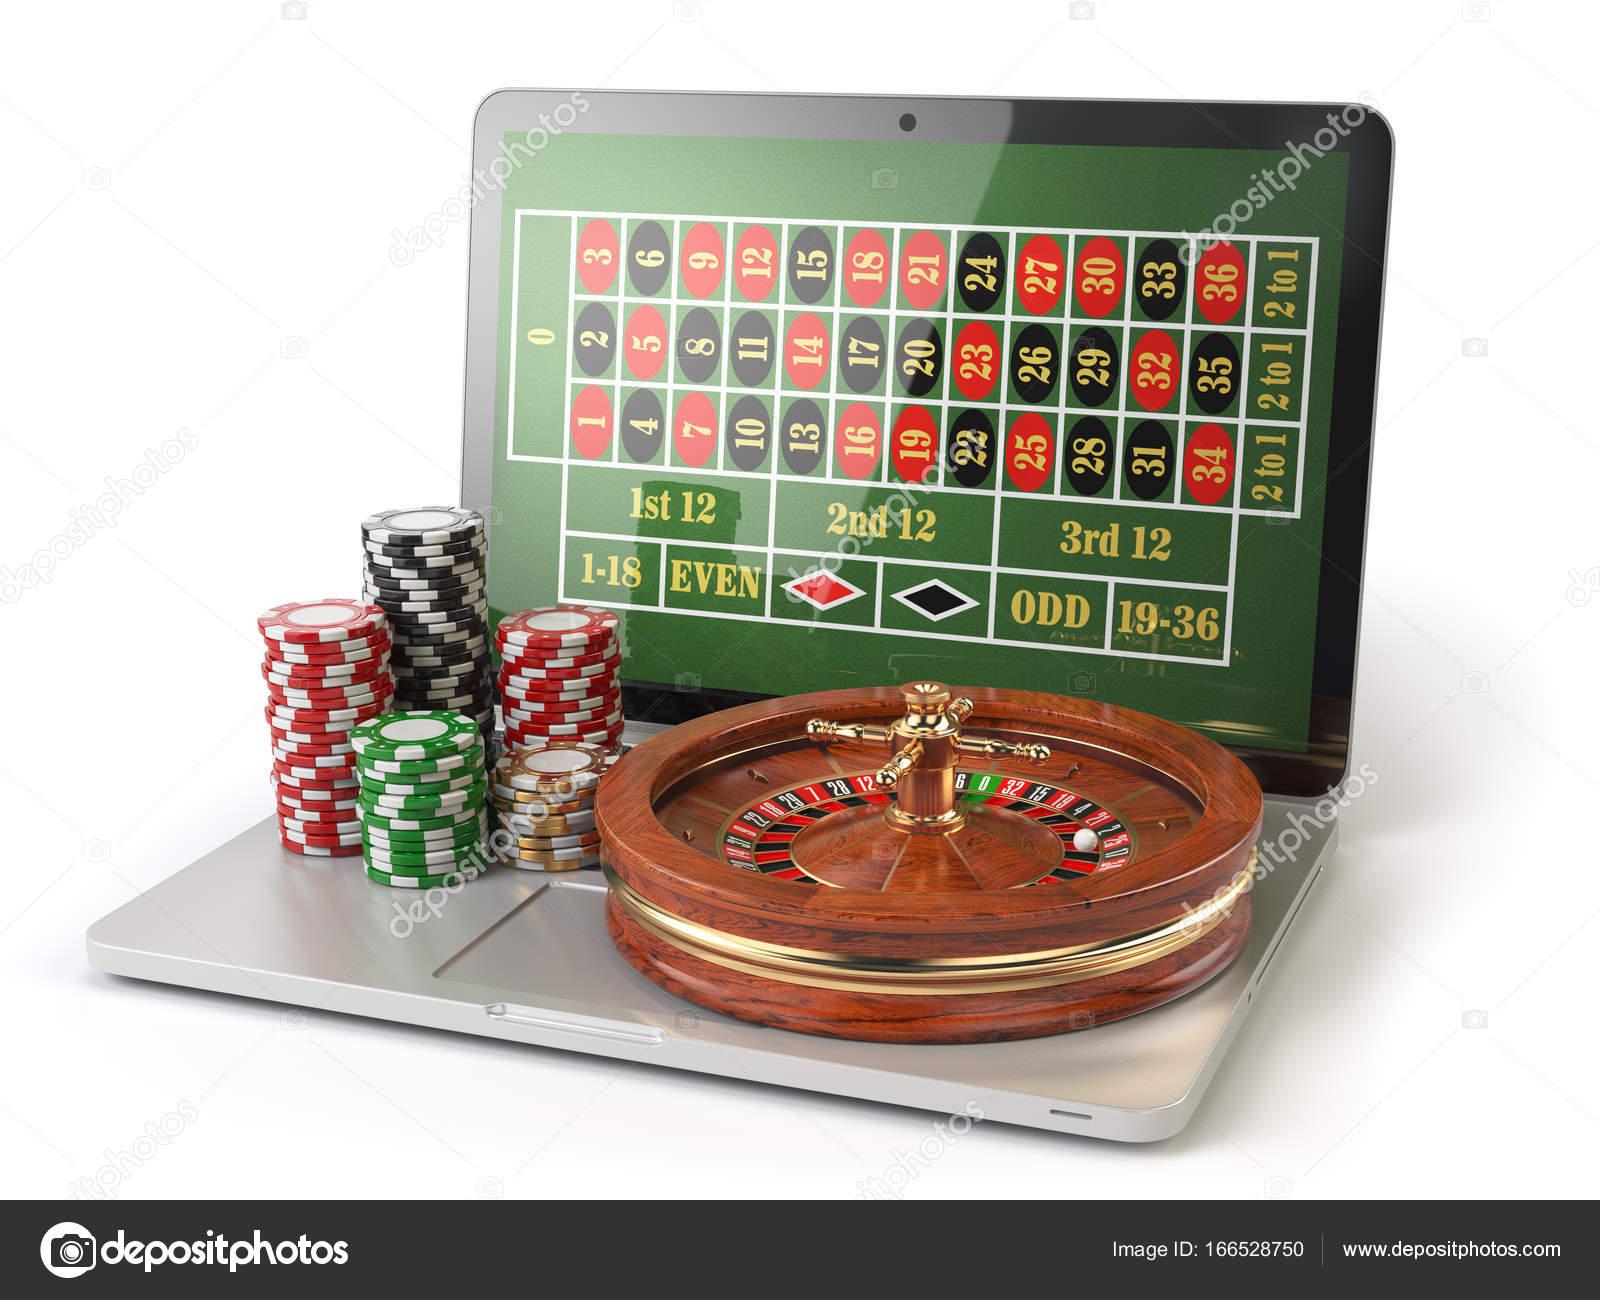 Онлайн казино рояль играть без регистрации casino accounting online